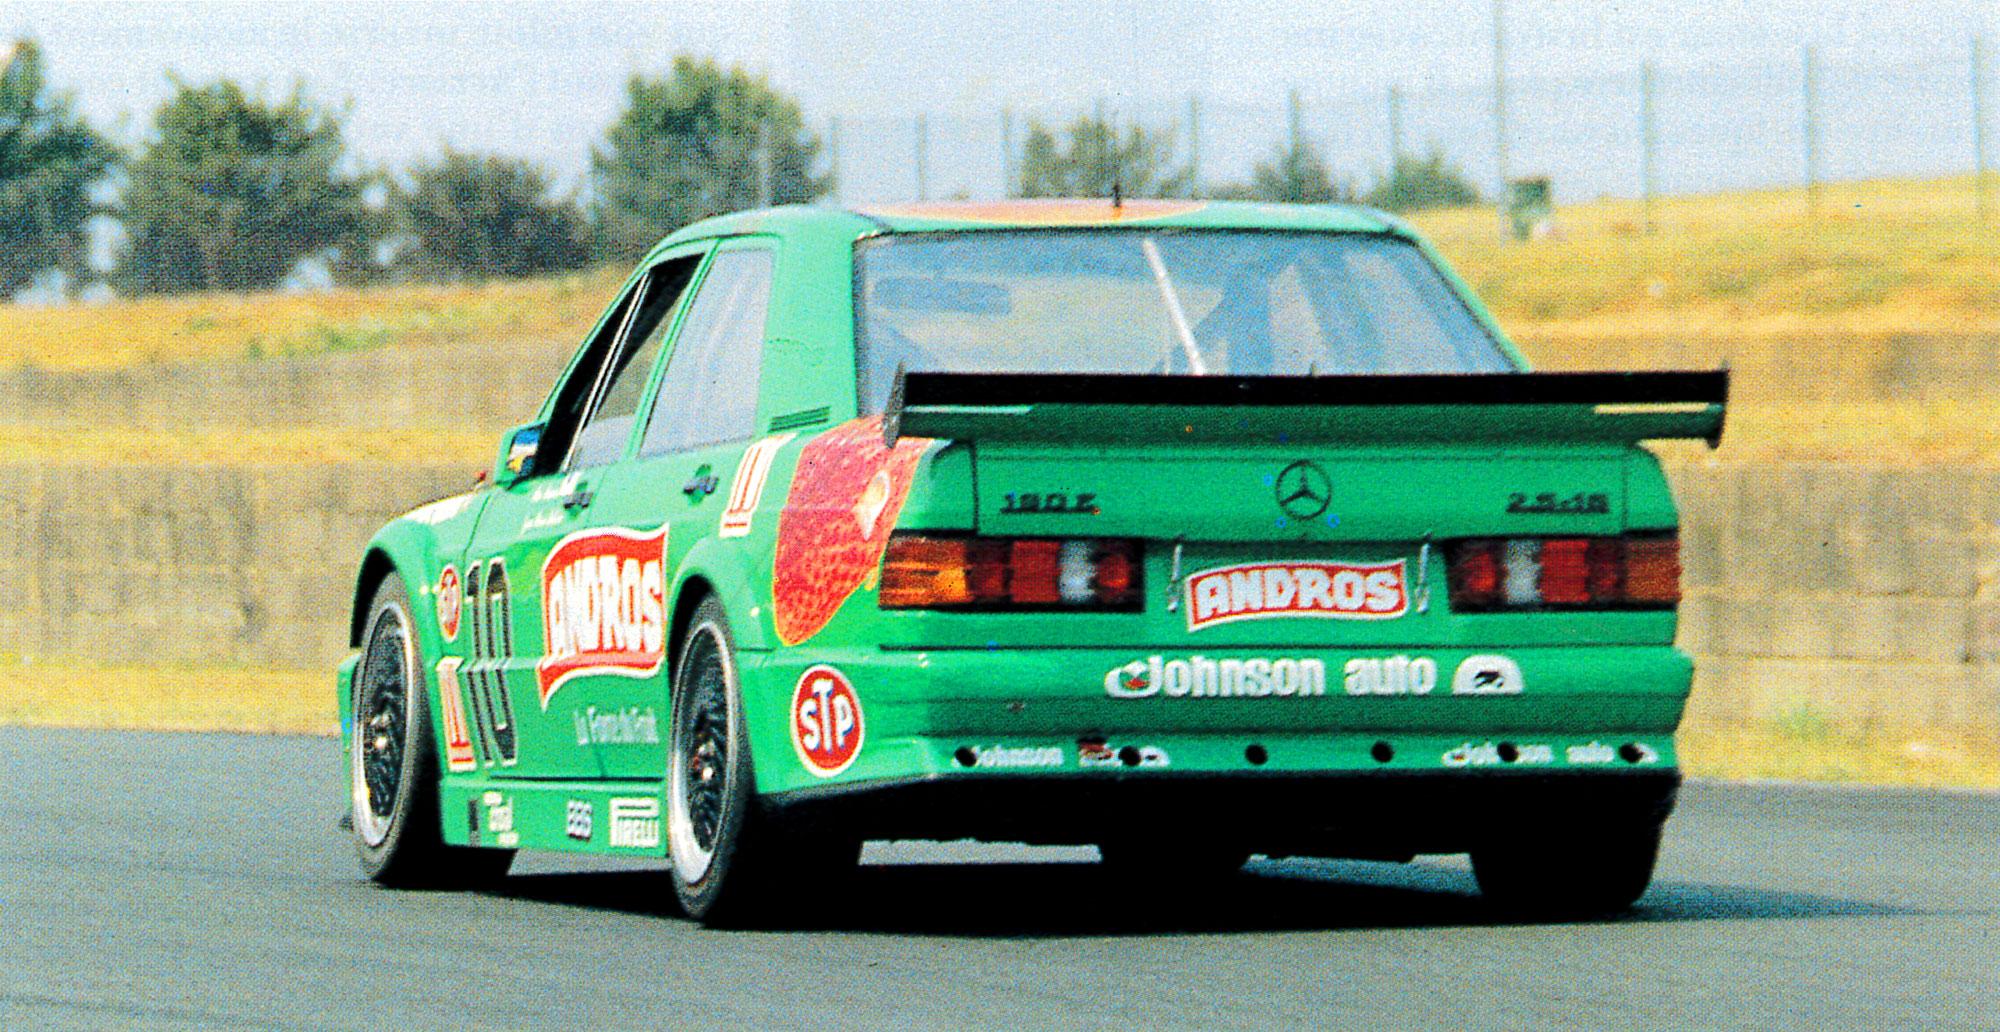 1990 - Mercedes 190 - Supertourisme - Co-équipier Jean-Pierre Beltoise